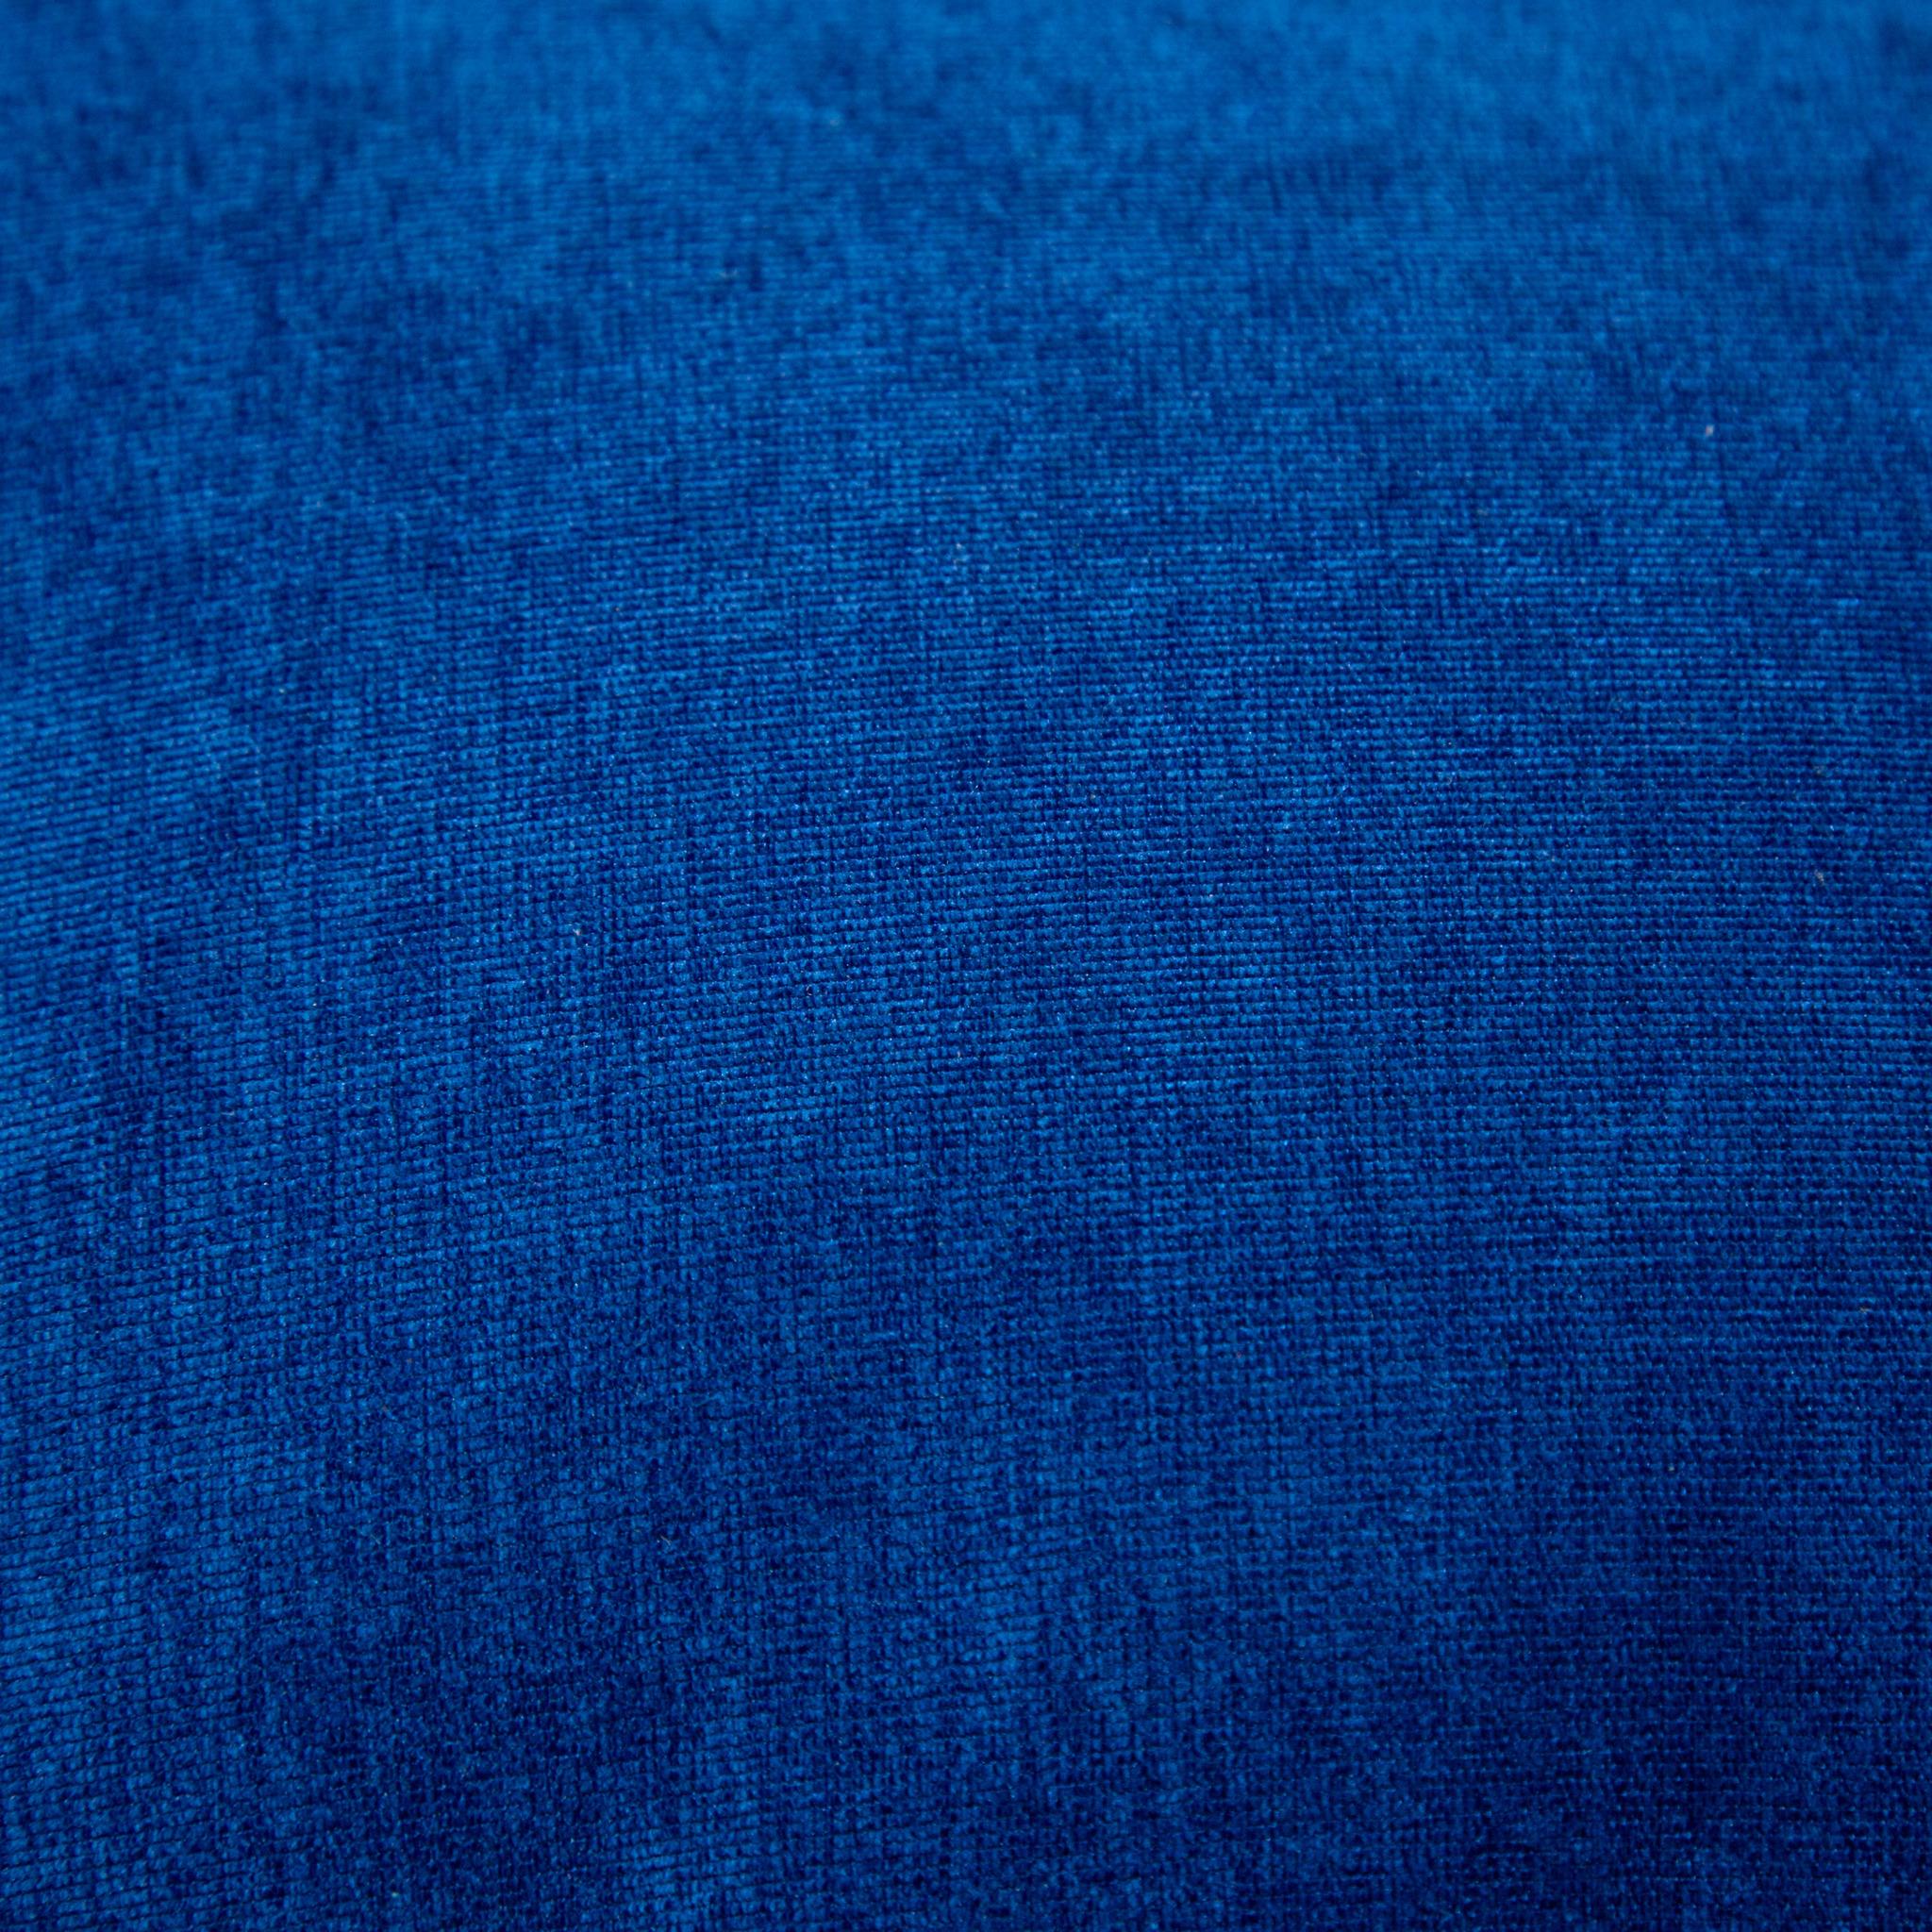 Пуф микровельвет (синий)